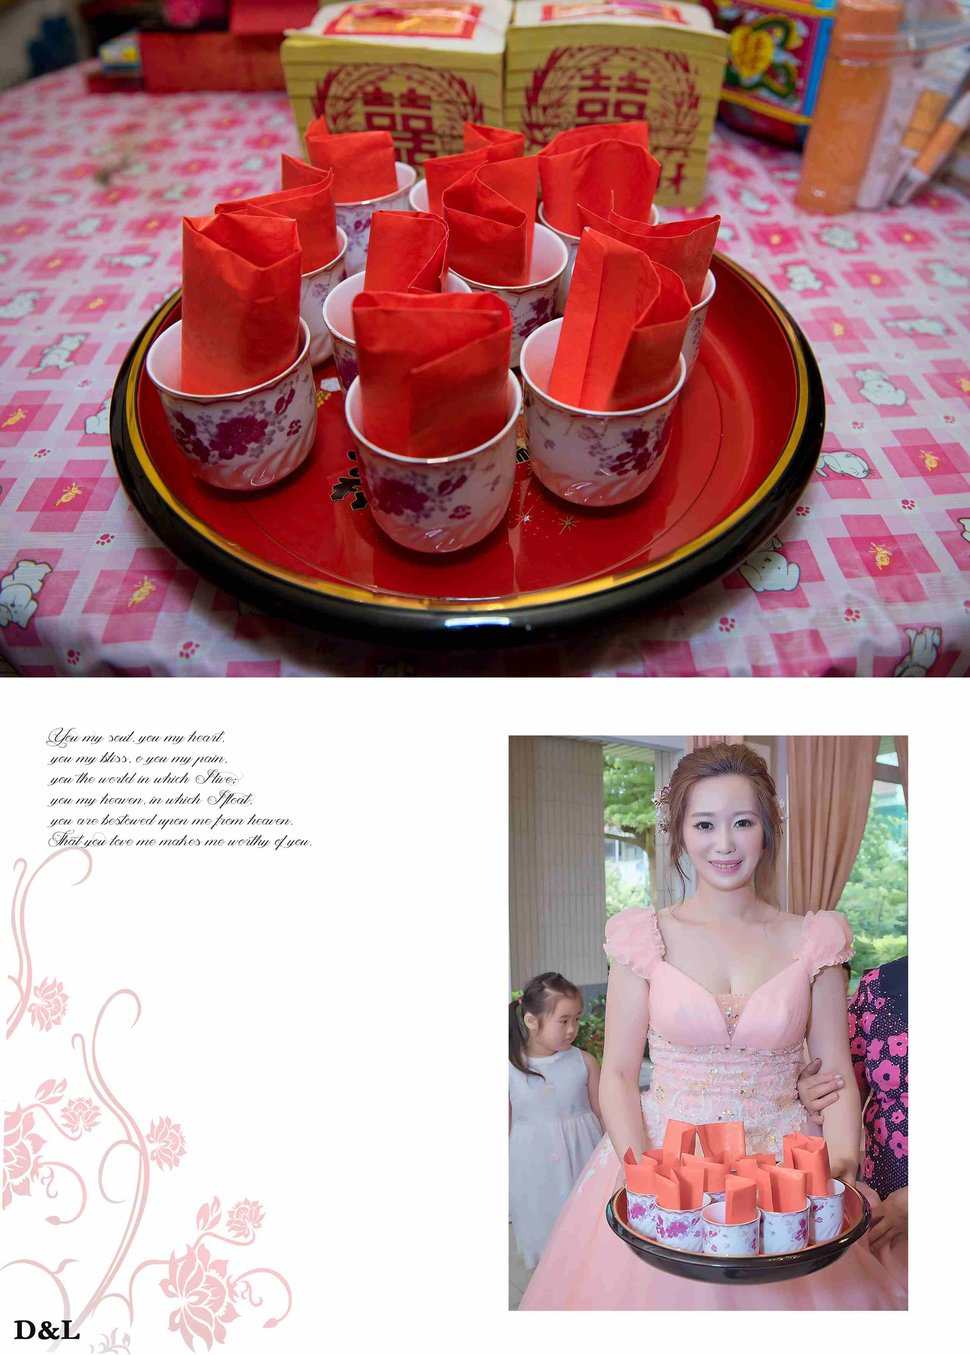 苗栗婚攝 婚禮記錄 俊明&少怡 欣桂竹園餐廳(編號:248803) - D&L 婚禮事務-婚紗攝影/婚禮記錄 - 結婚吧